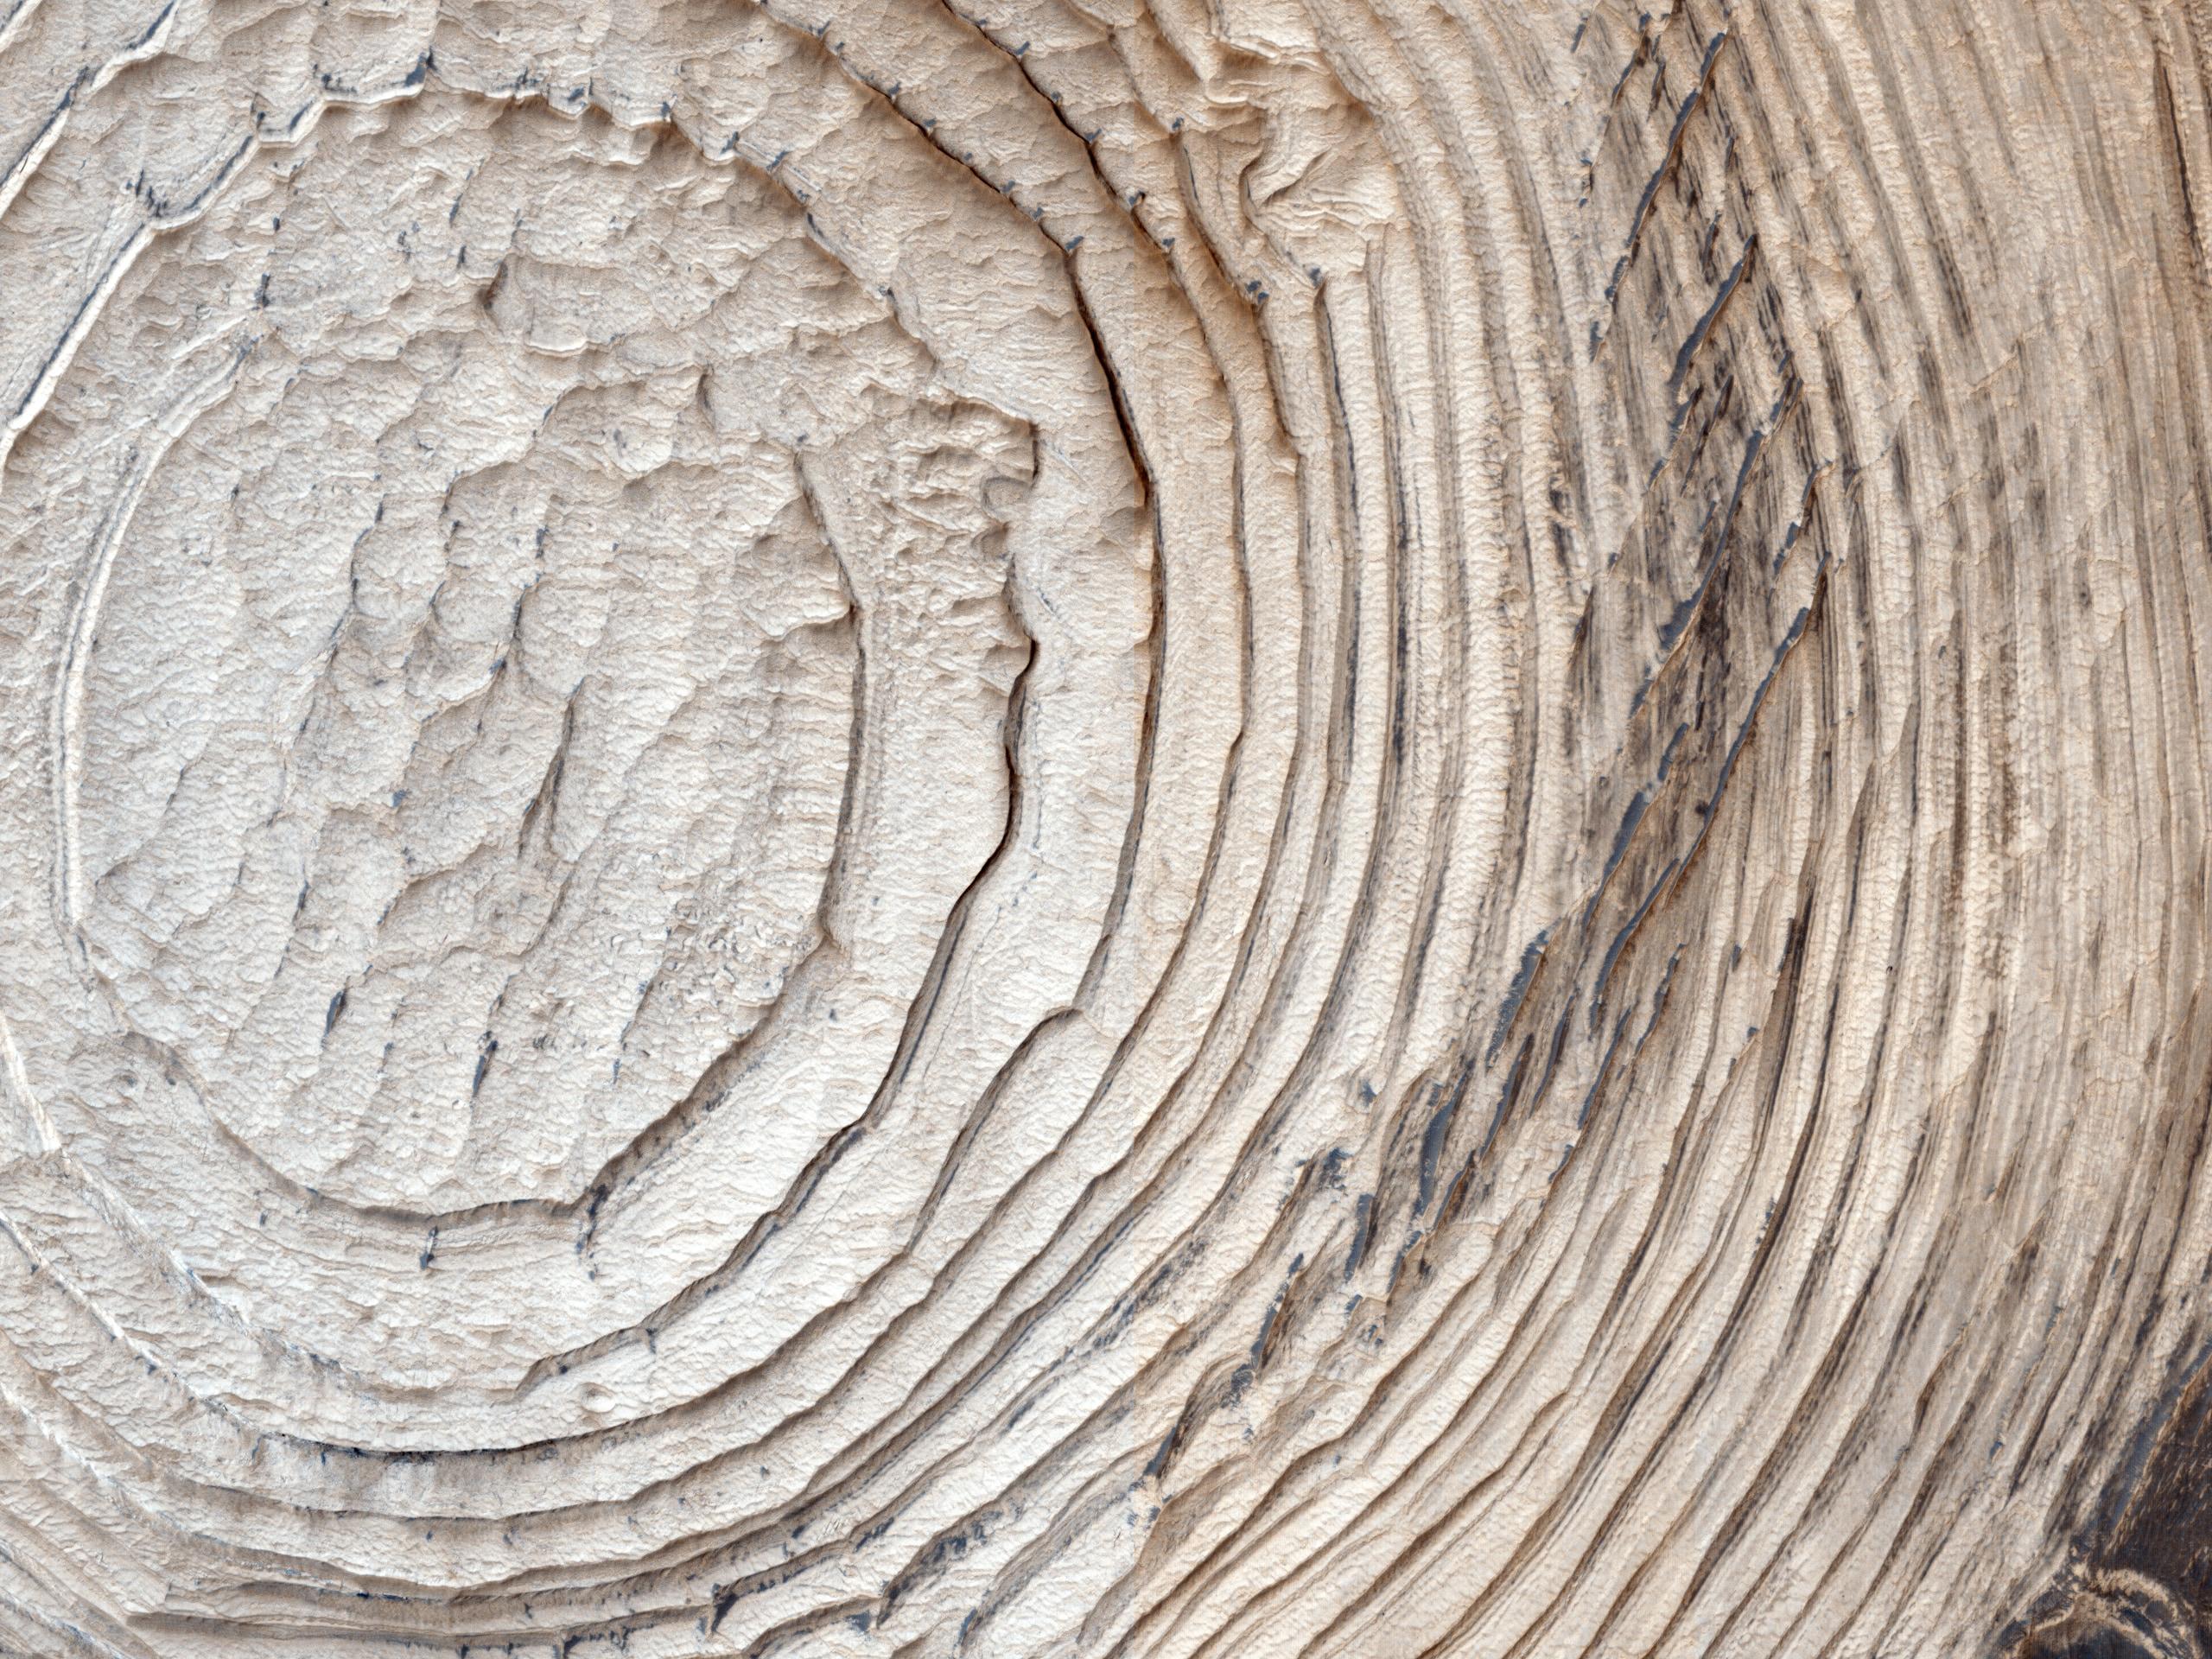 Strati, creste rocciose e sabbia scura nel Cratere Schiaparelli